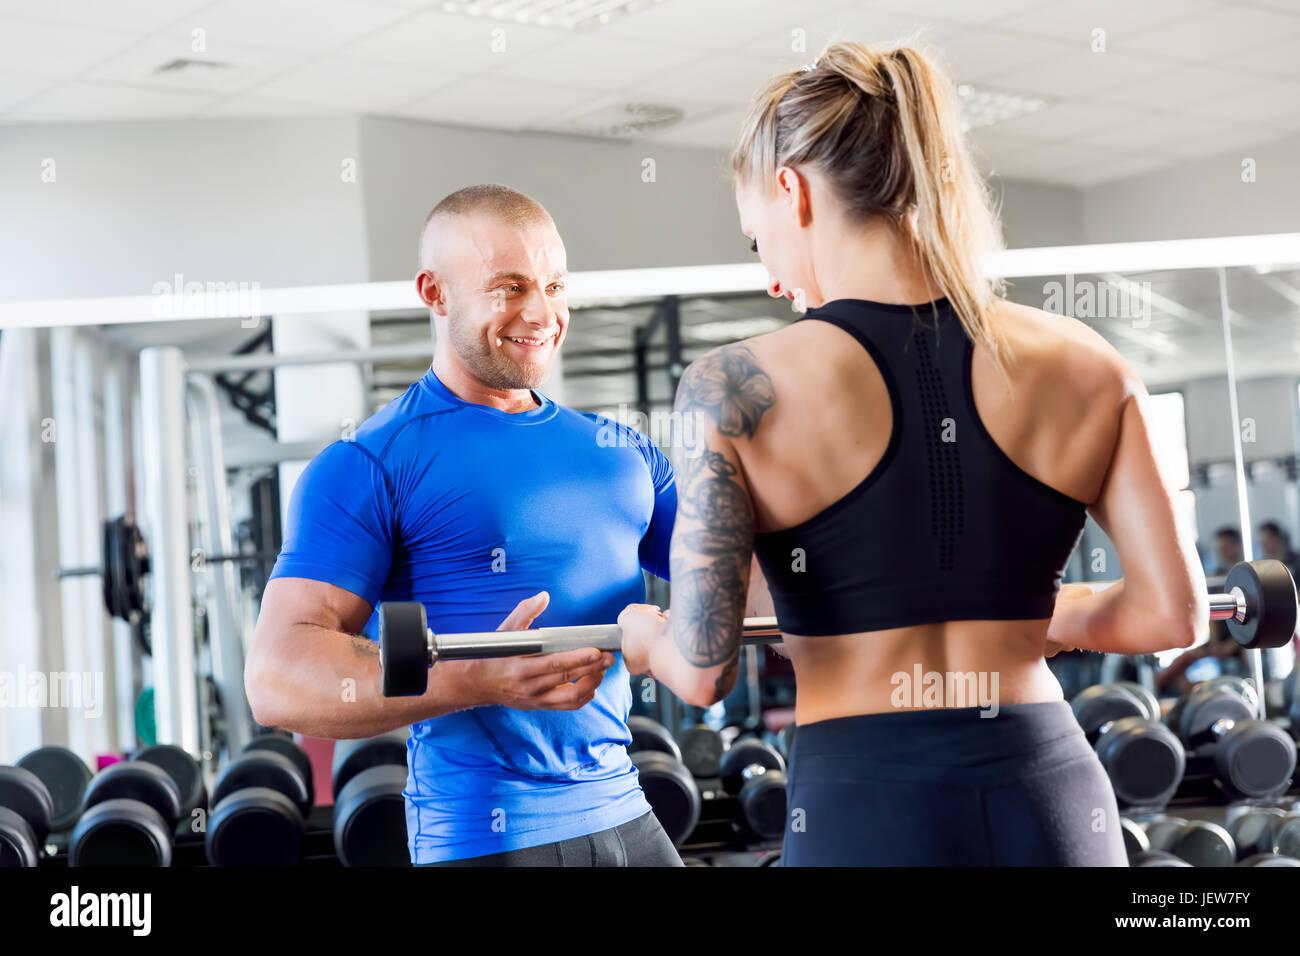 Corrige y entrenador personal mientras que motiva la formación de musculación en el gimnasio. Ayuda profesional durante el entrenamiento. Estilo de vida saludable y el deporte concepto. Foto de stock